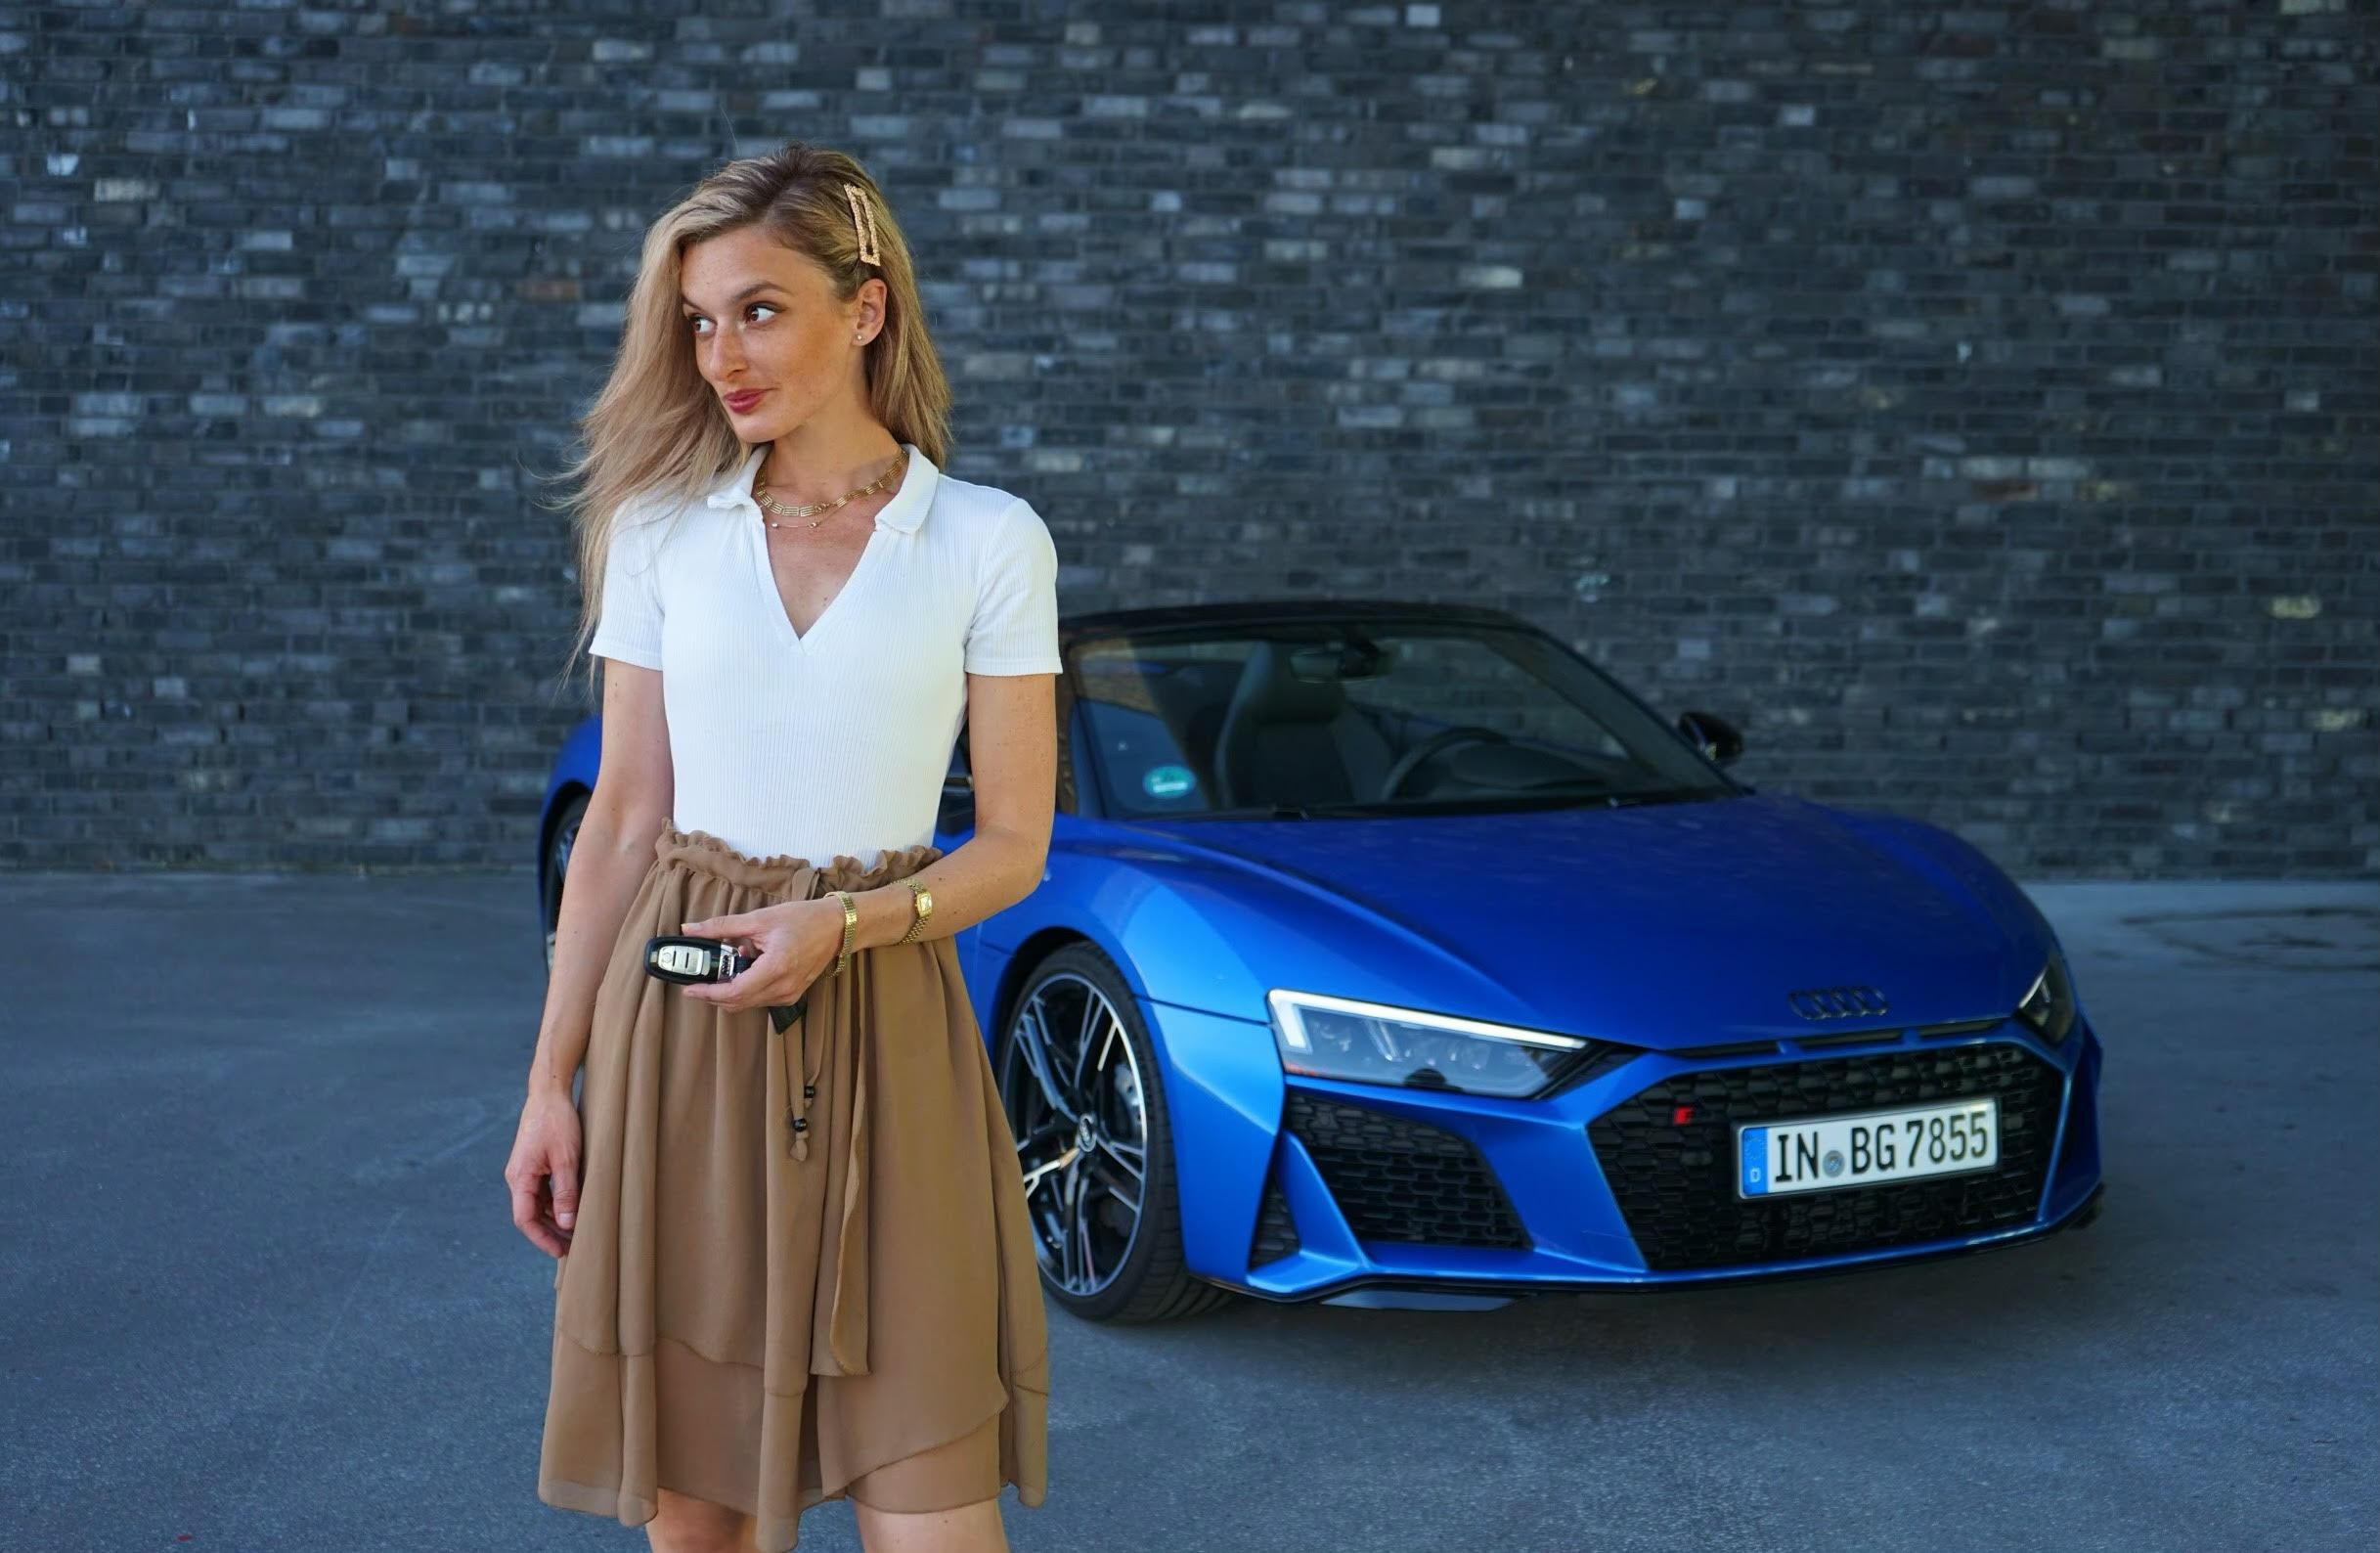 Audi R8 Spyder V10 RWD – Mein Traum-Cabrio 2020?